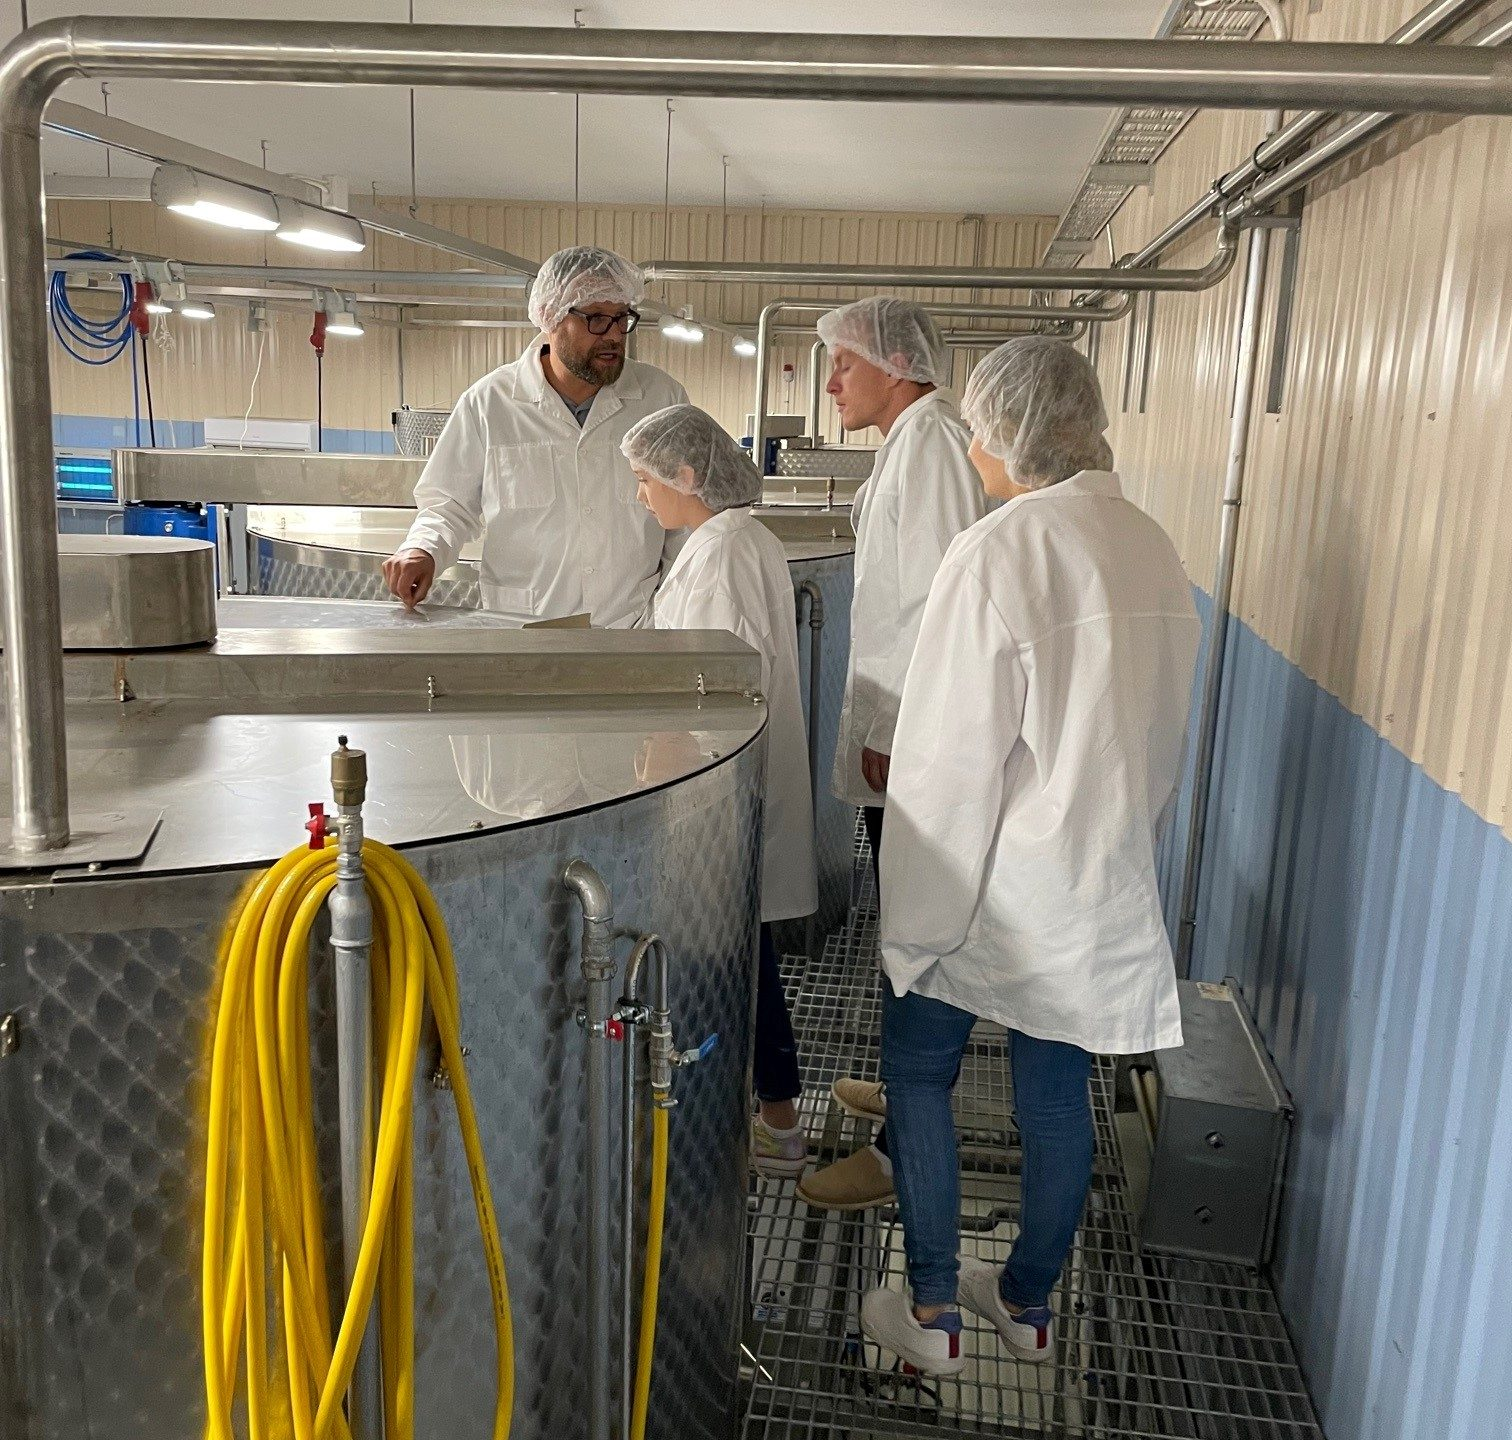 Hunajayhtymän vierailu tuotantotiloissa